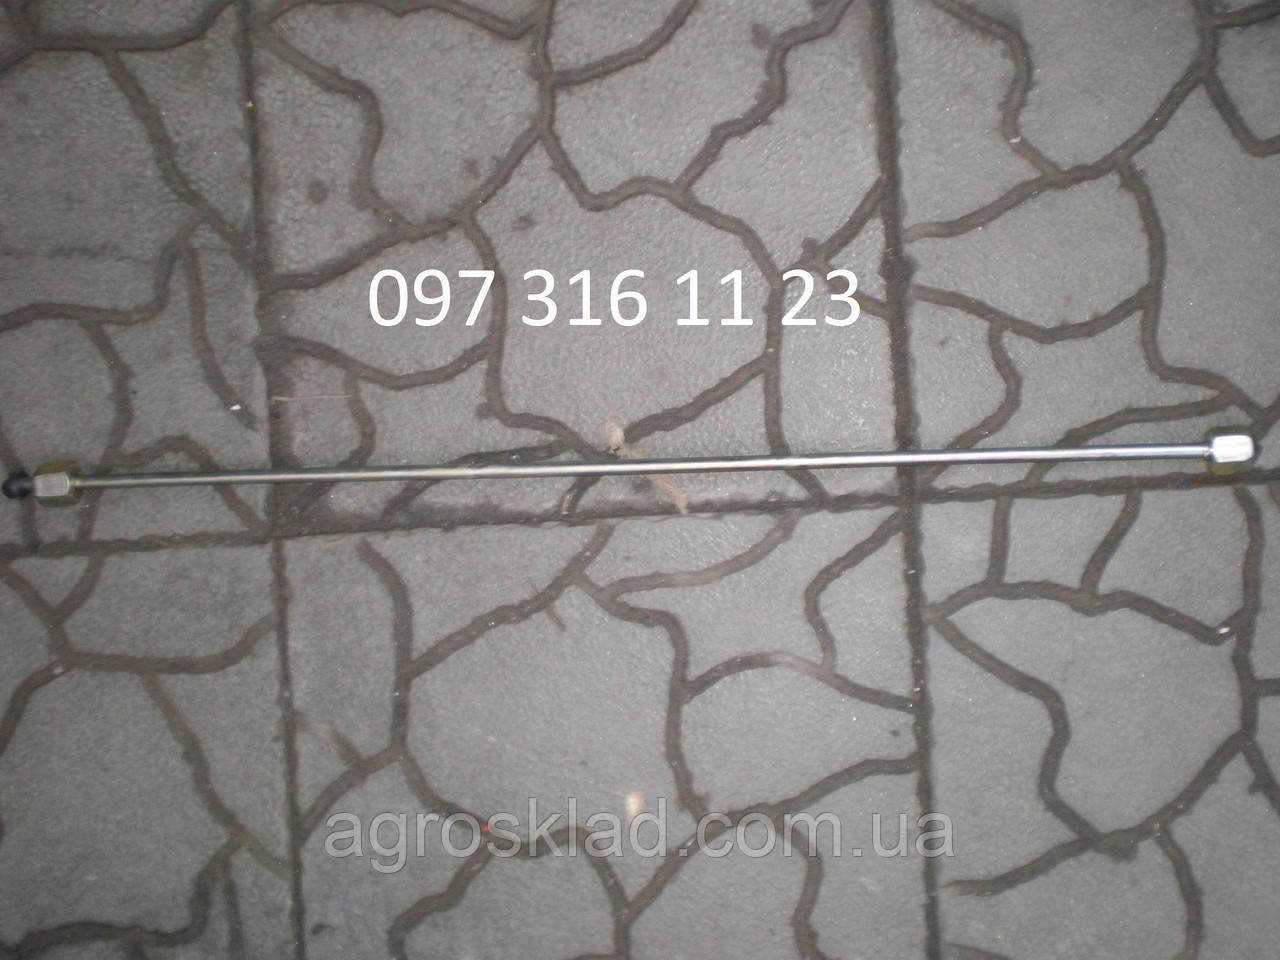 Топливная трубка высокого давления МТЗ, ЯМЗ-236, ЯМЗ-238